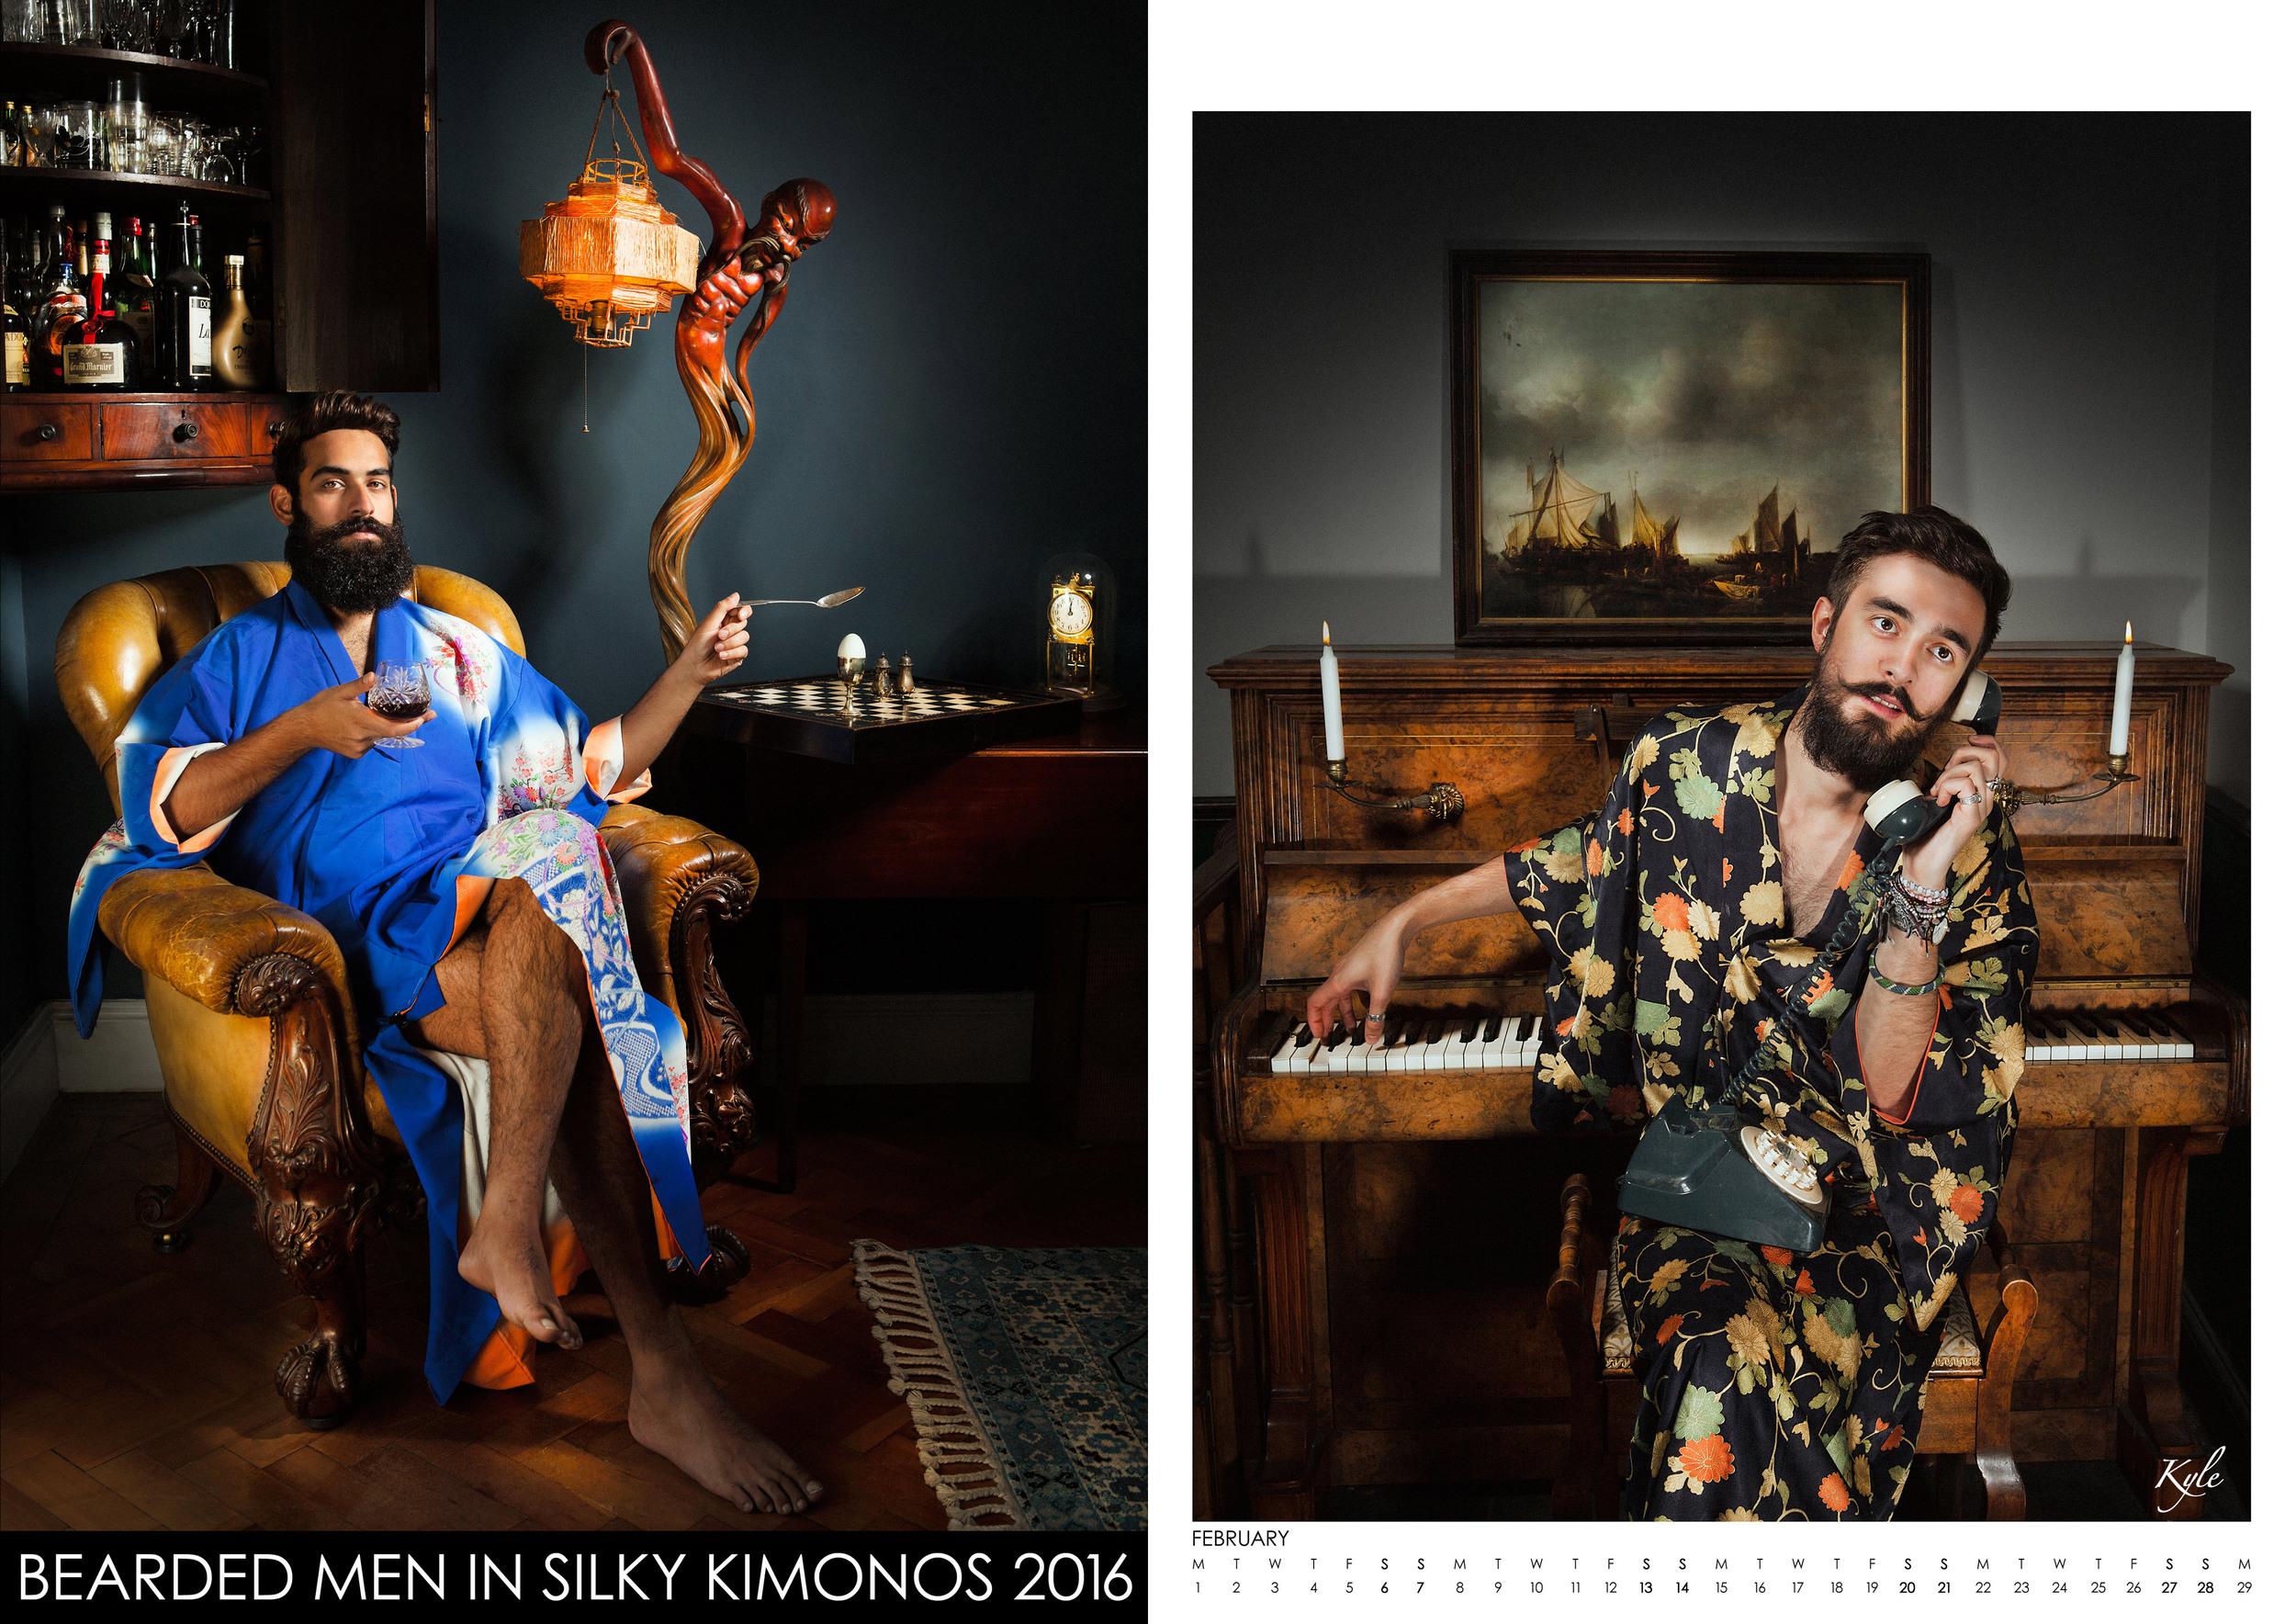 «Bearded Men In Silky Kimonos» calendar 2016